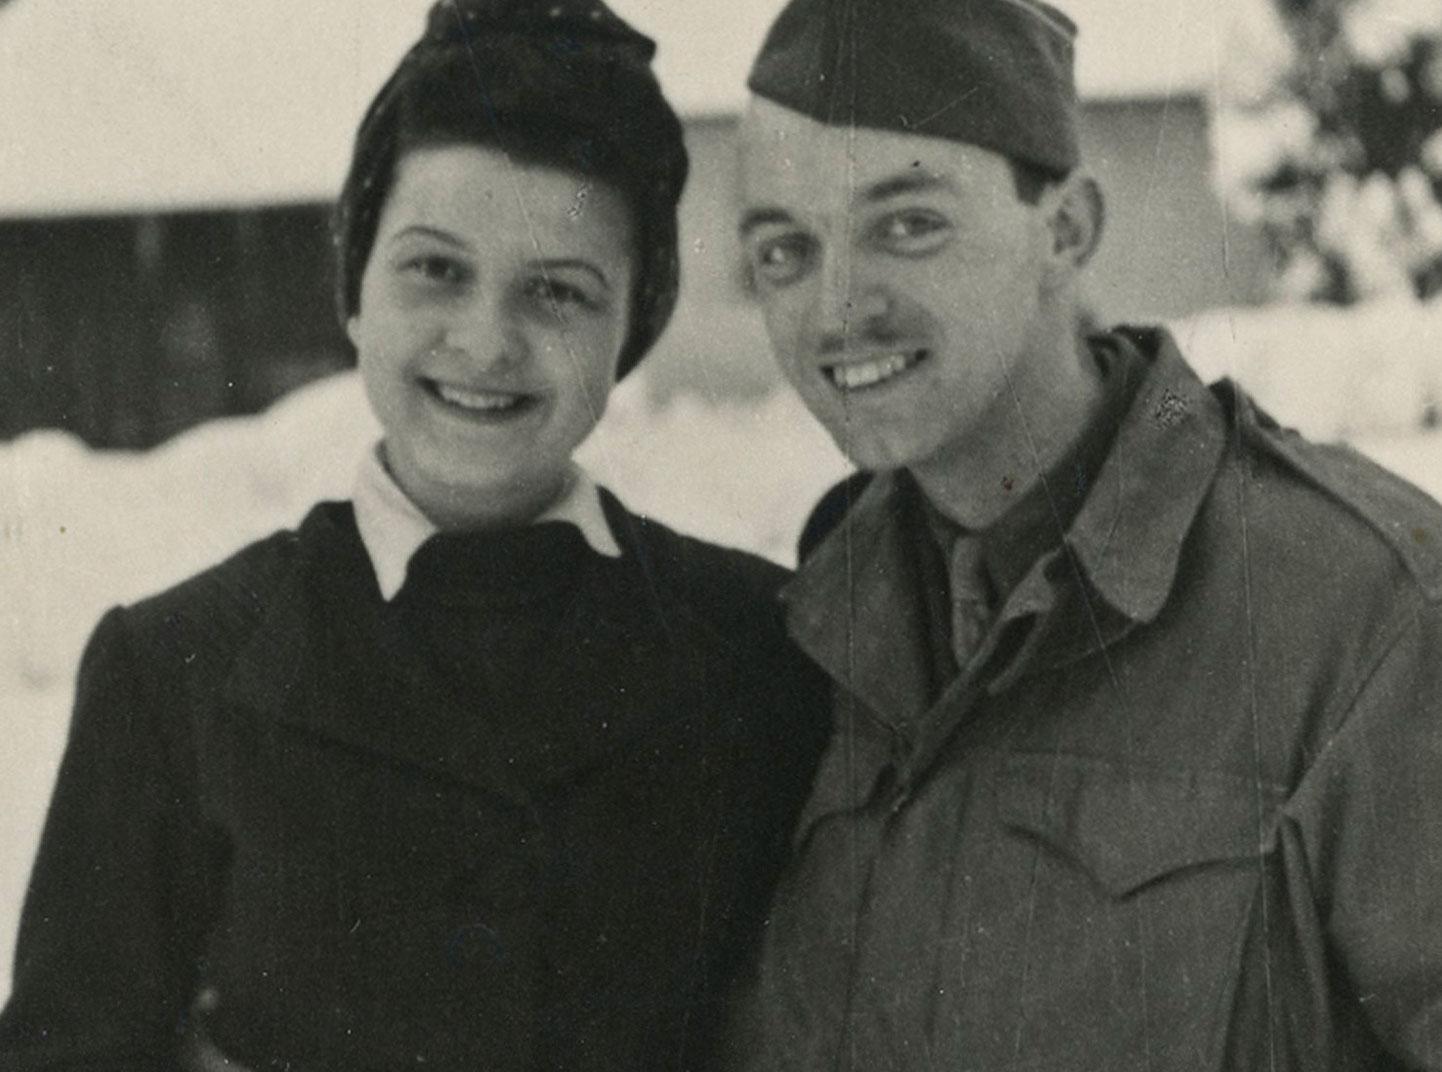 Uma velha imagem em preto e branco de um homem e uma mulher sorrindo e de pé na neve.